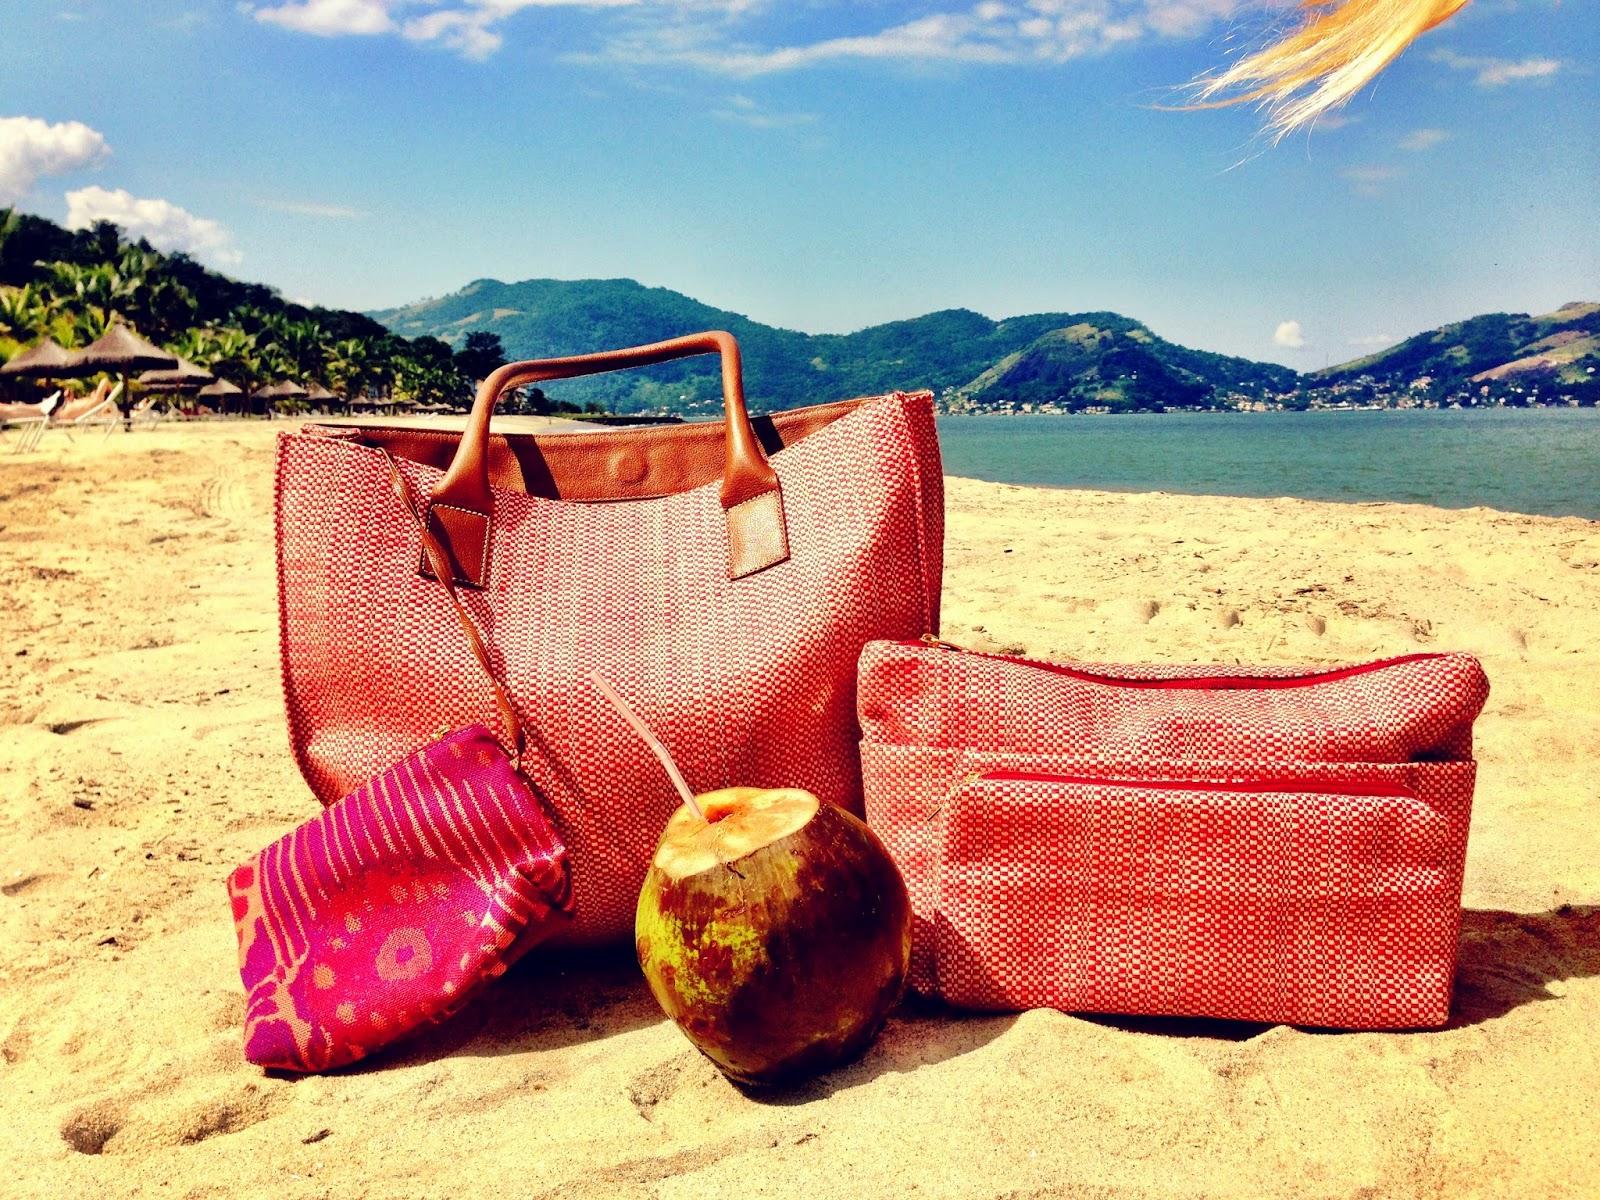 5e95c41c2a Continuando o nosso papo de férias, hoje vamos listar o que levar na sacola  de praia/piscina.